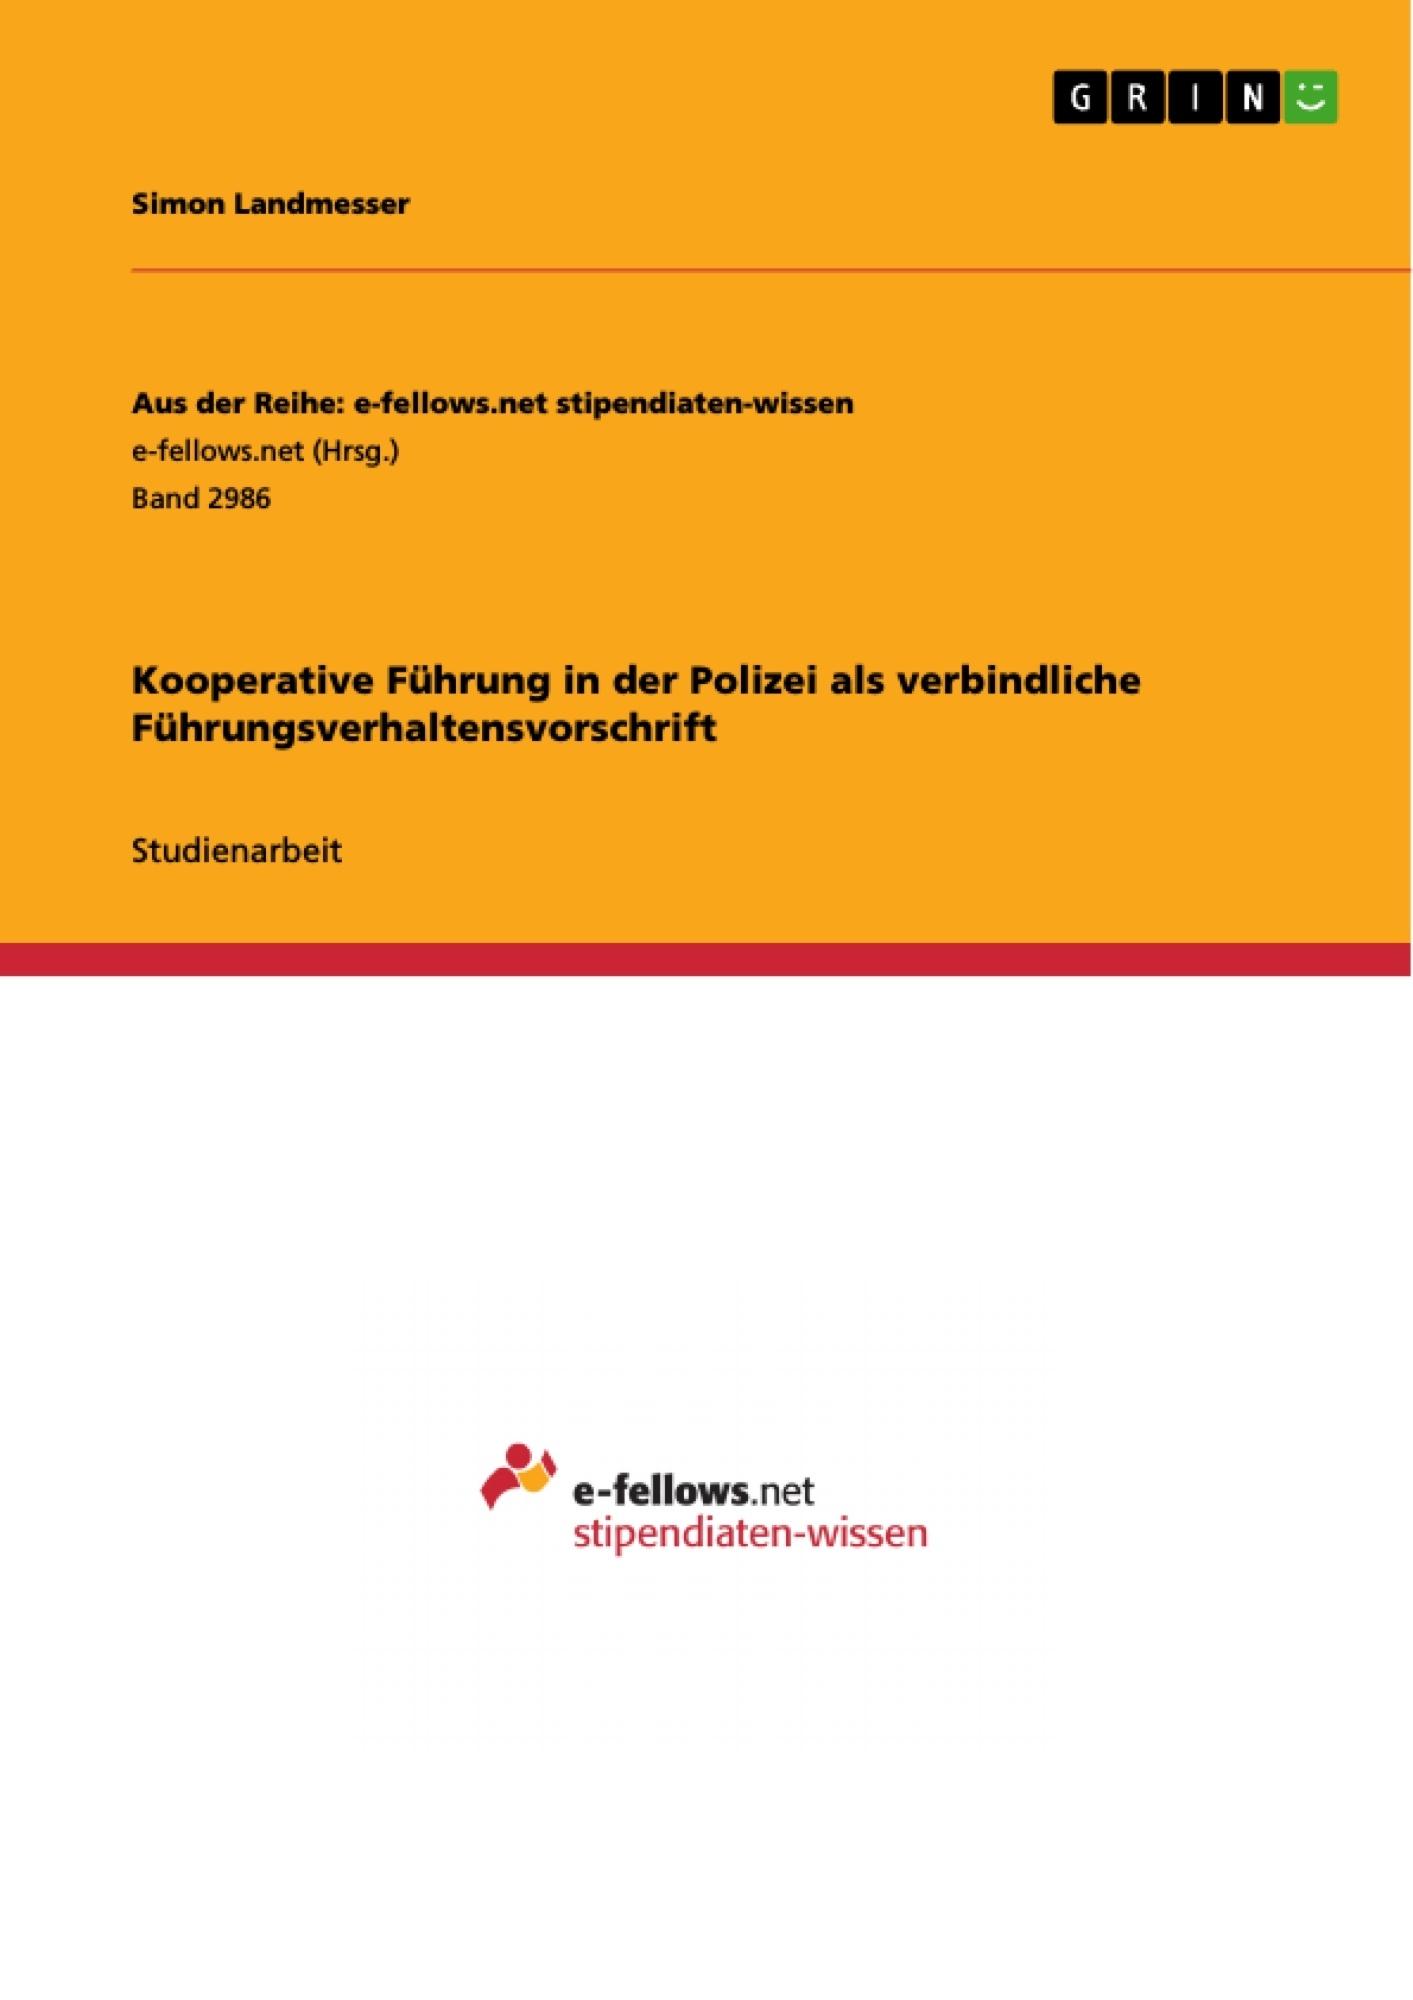 Titel: Kooperative Führung in der Polizei als verbindliche Führungsverhaltensvorschrift